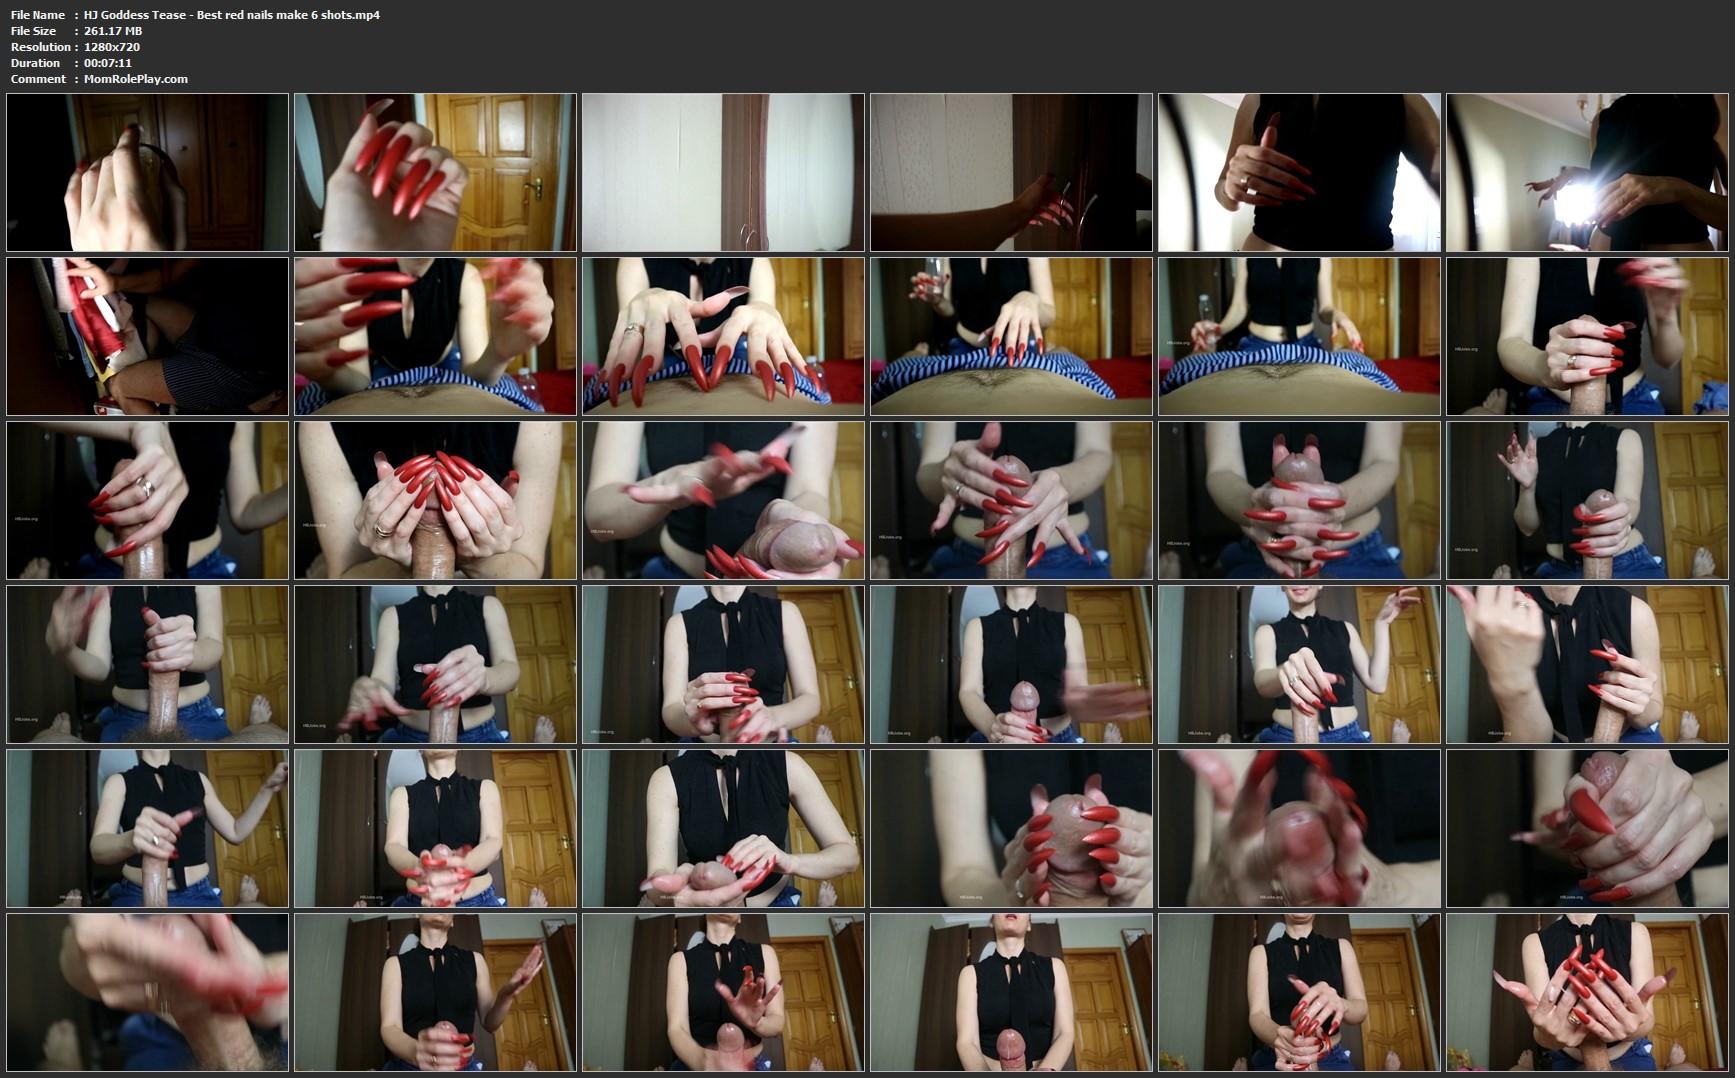 HJ Goddess Tease - Best red nails make 6 shots